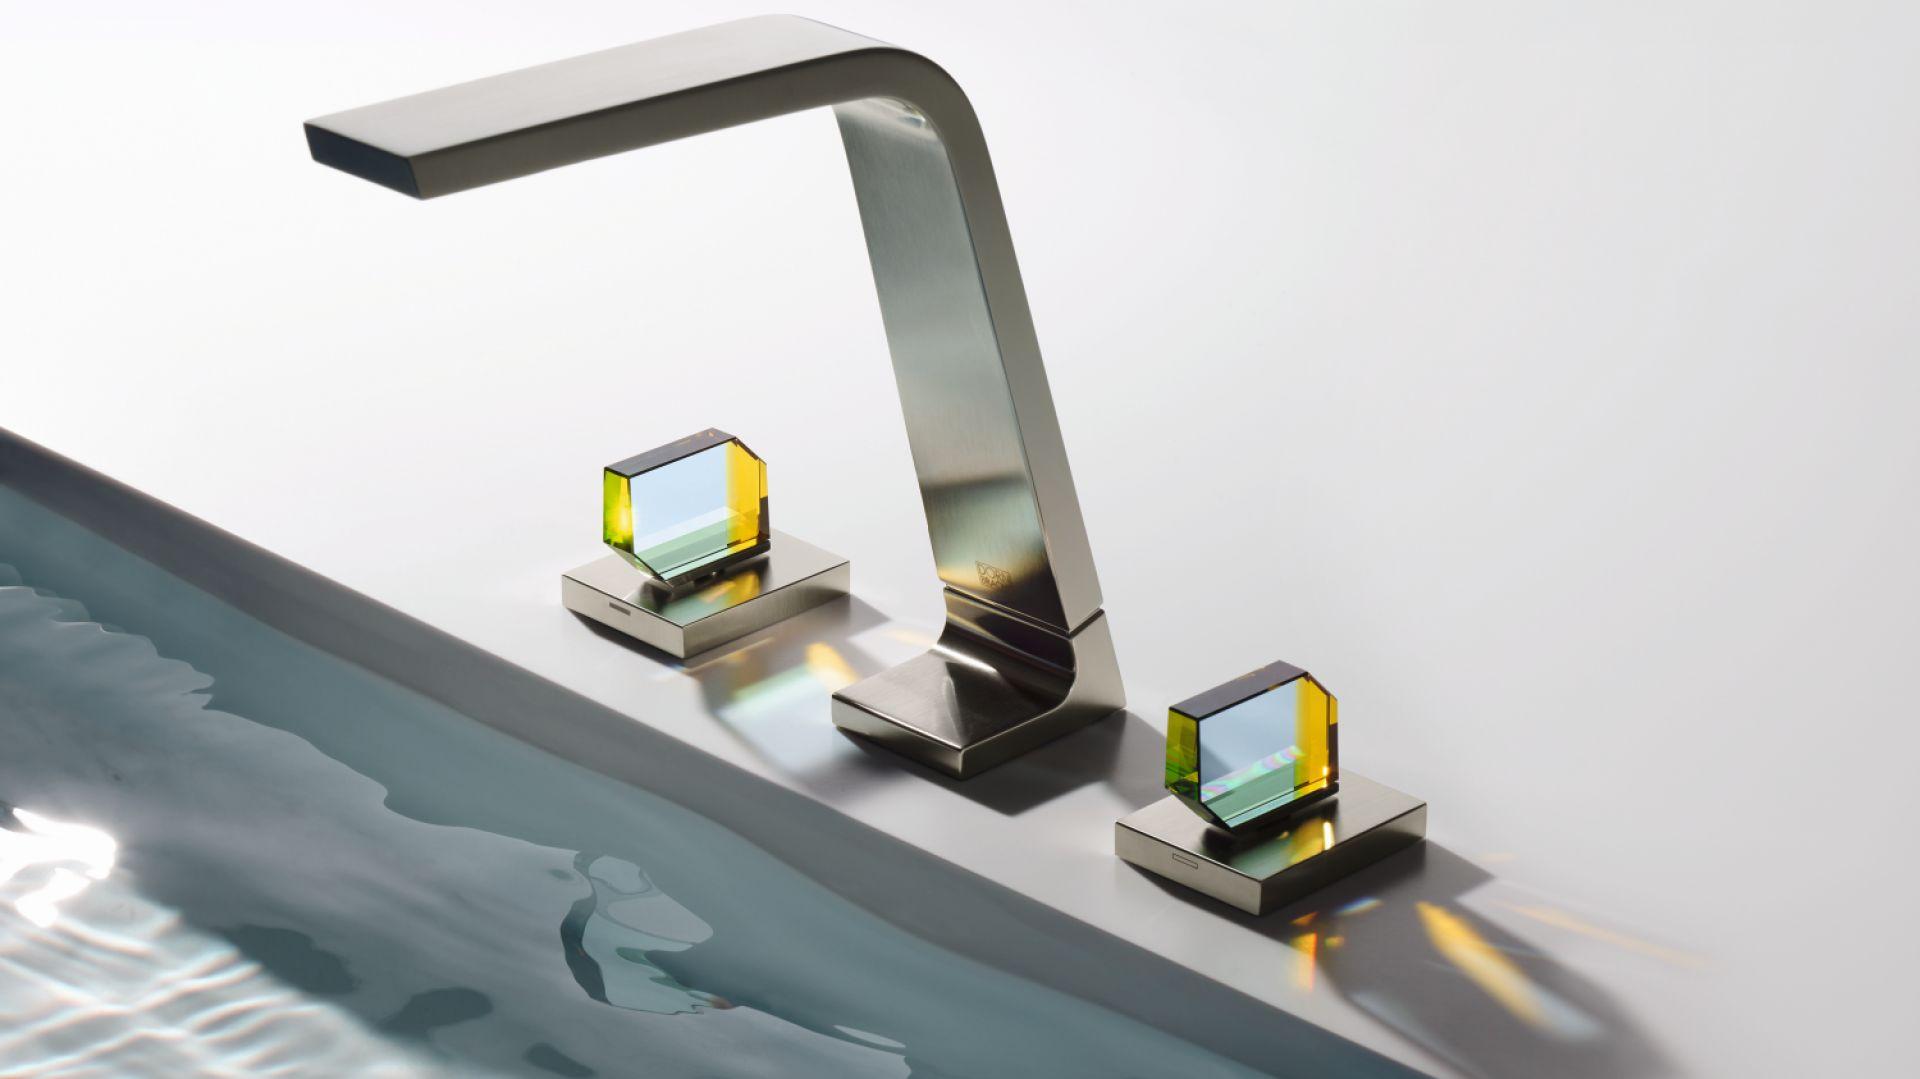 Nowa odsłona serii baterii CL.1 ze szklanymi uchwytami. Fot. Dornbracht